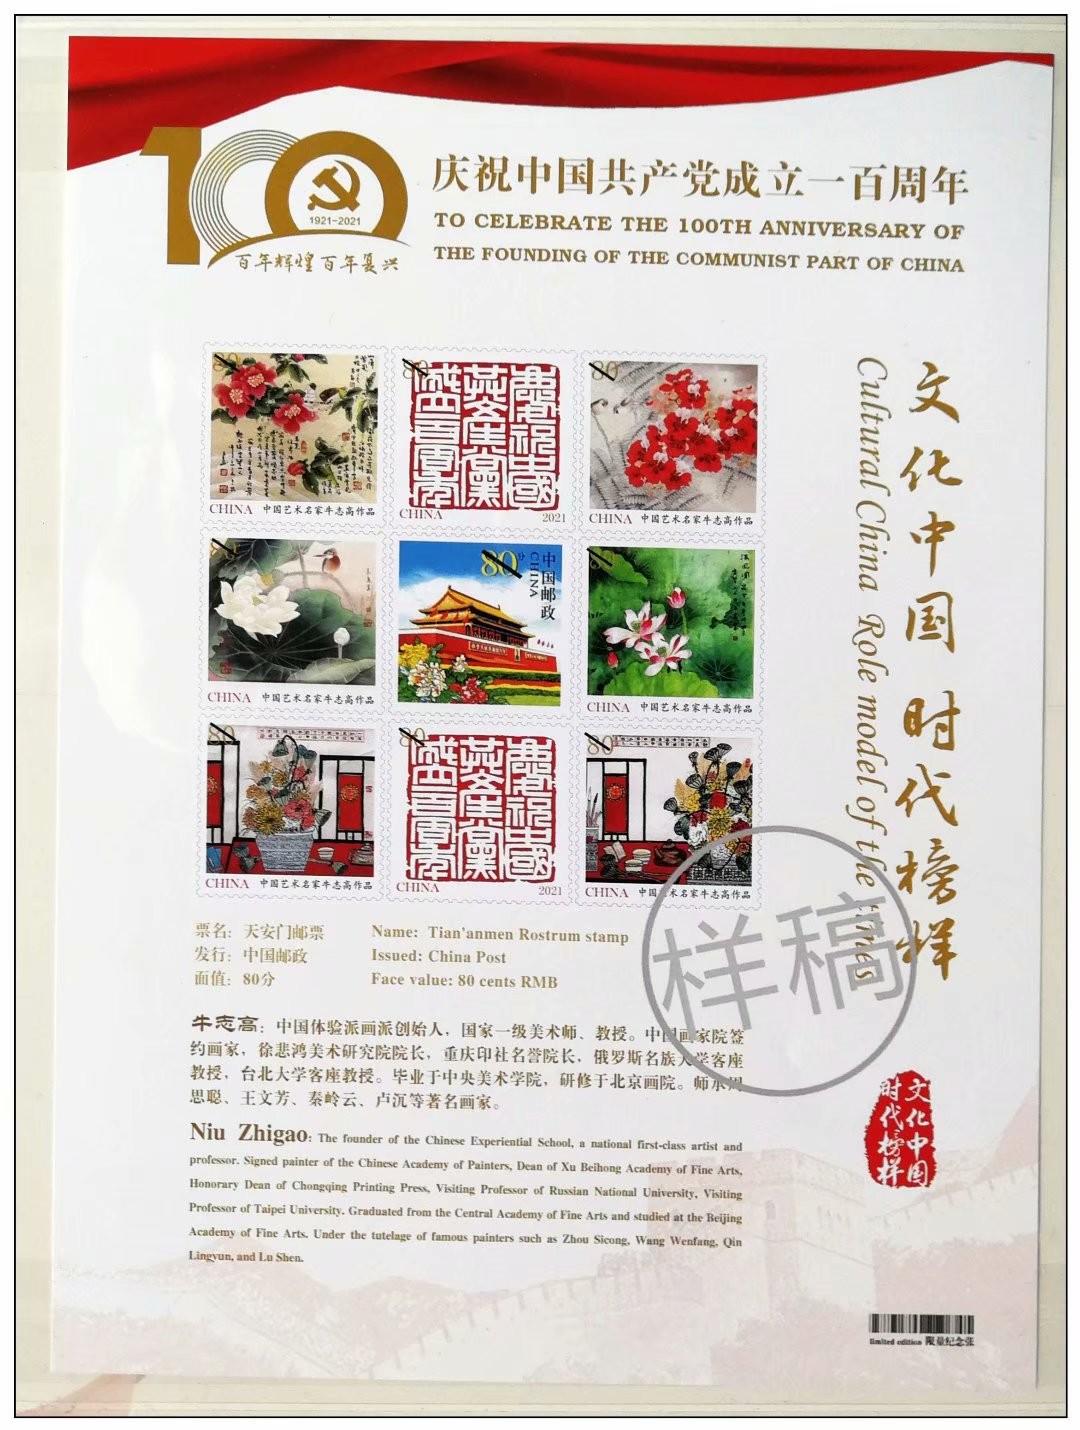 庆祝中国共产党成立100周年---牛志高书画集邮册面世2021.03.15_图1-11